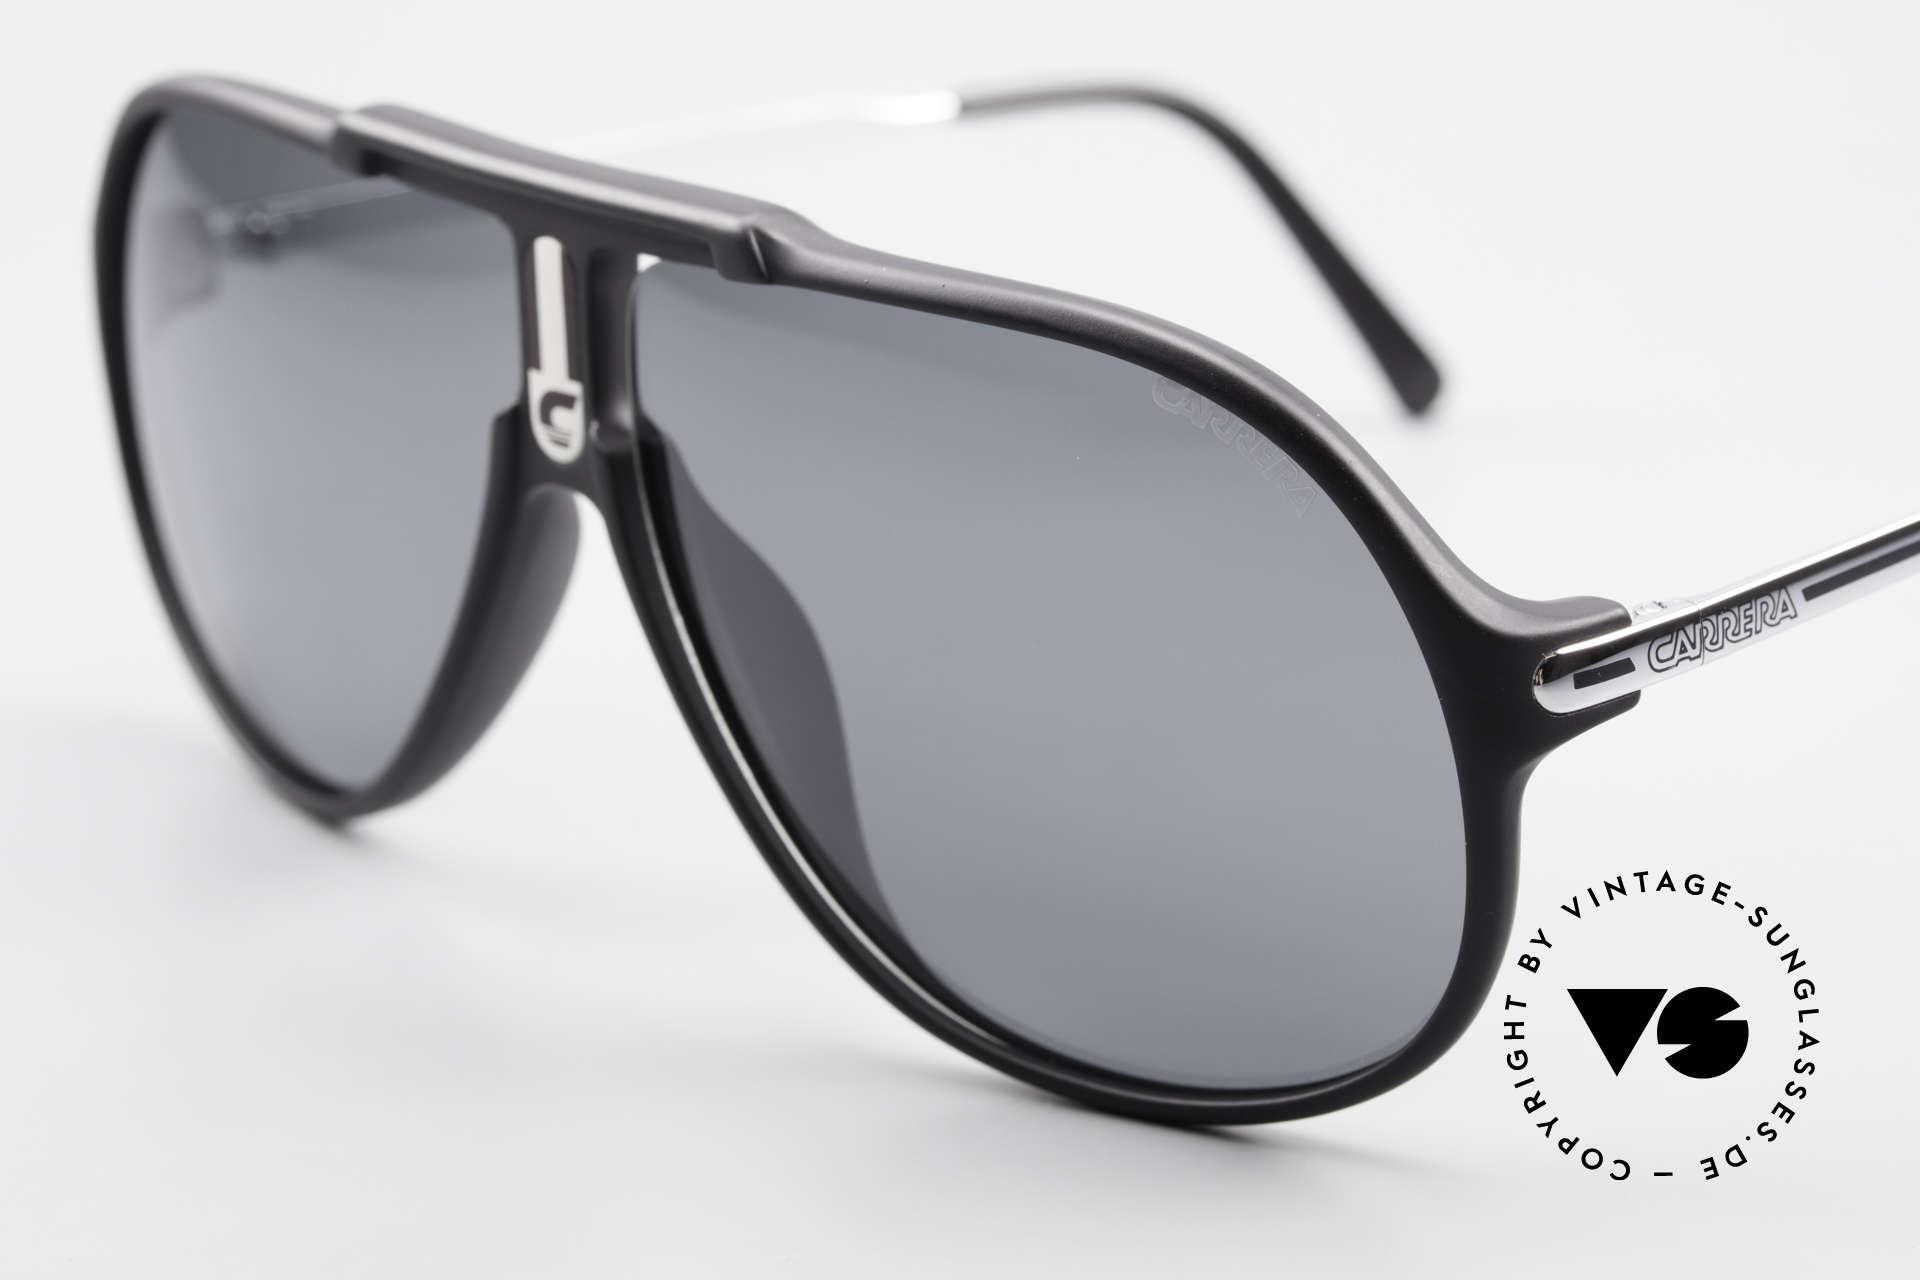 Carrera 5590 80er 90er Brille Polarisierend, 3 Paar Wechselgläser für unterschiedliche Bedingungen, Passend für Herren